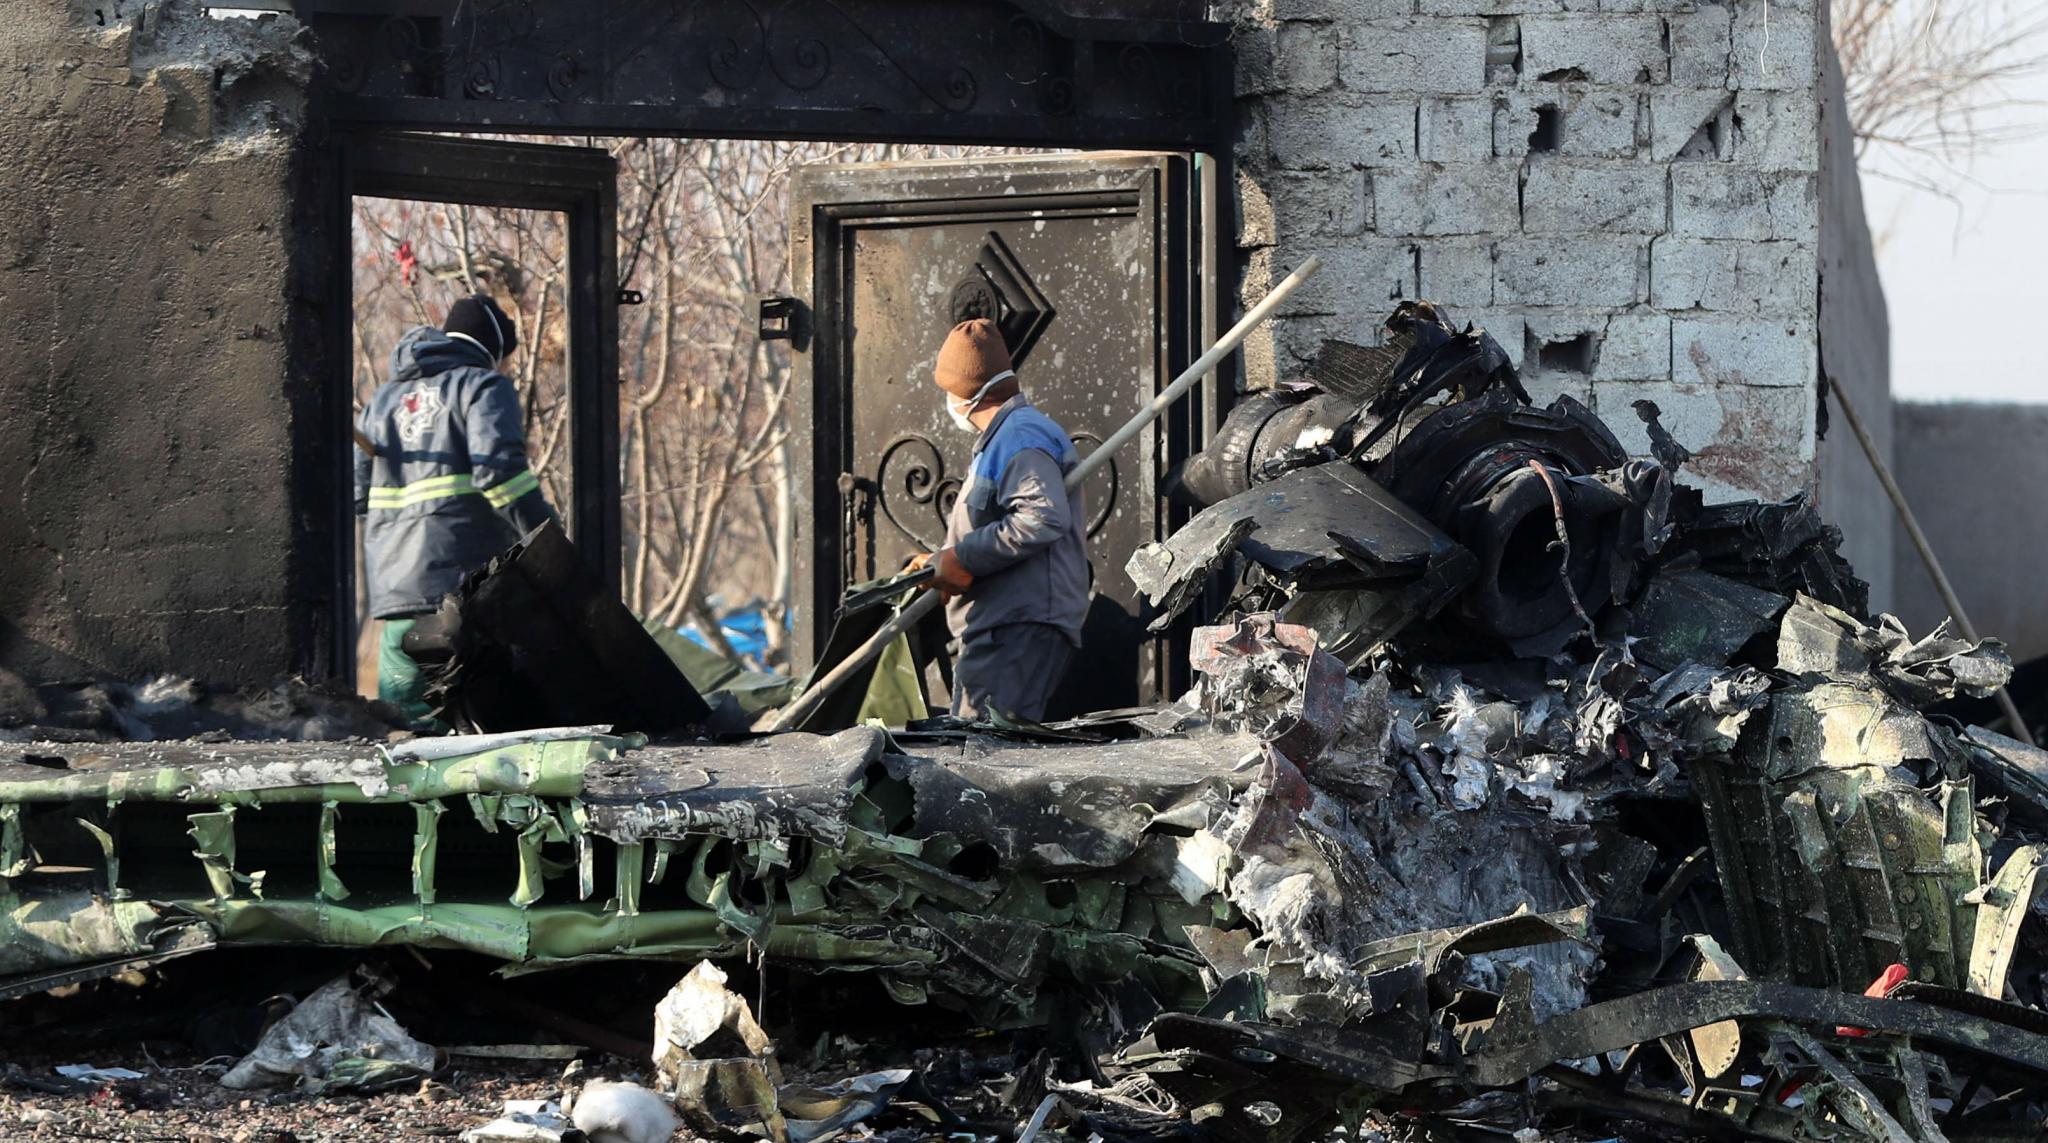 Ukraine Airplane Crash: Iran Finds Black Boxes From Crashed Ukrainian 737 Aeroplane, Says Aviation Authority